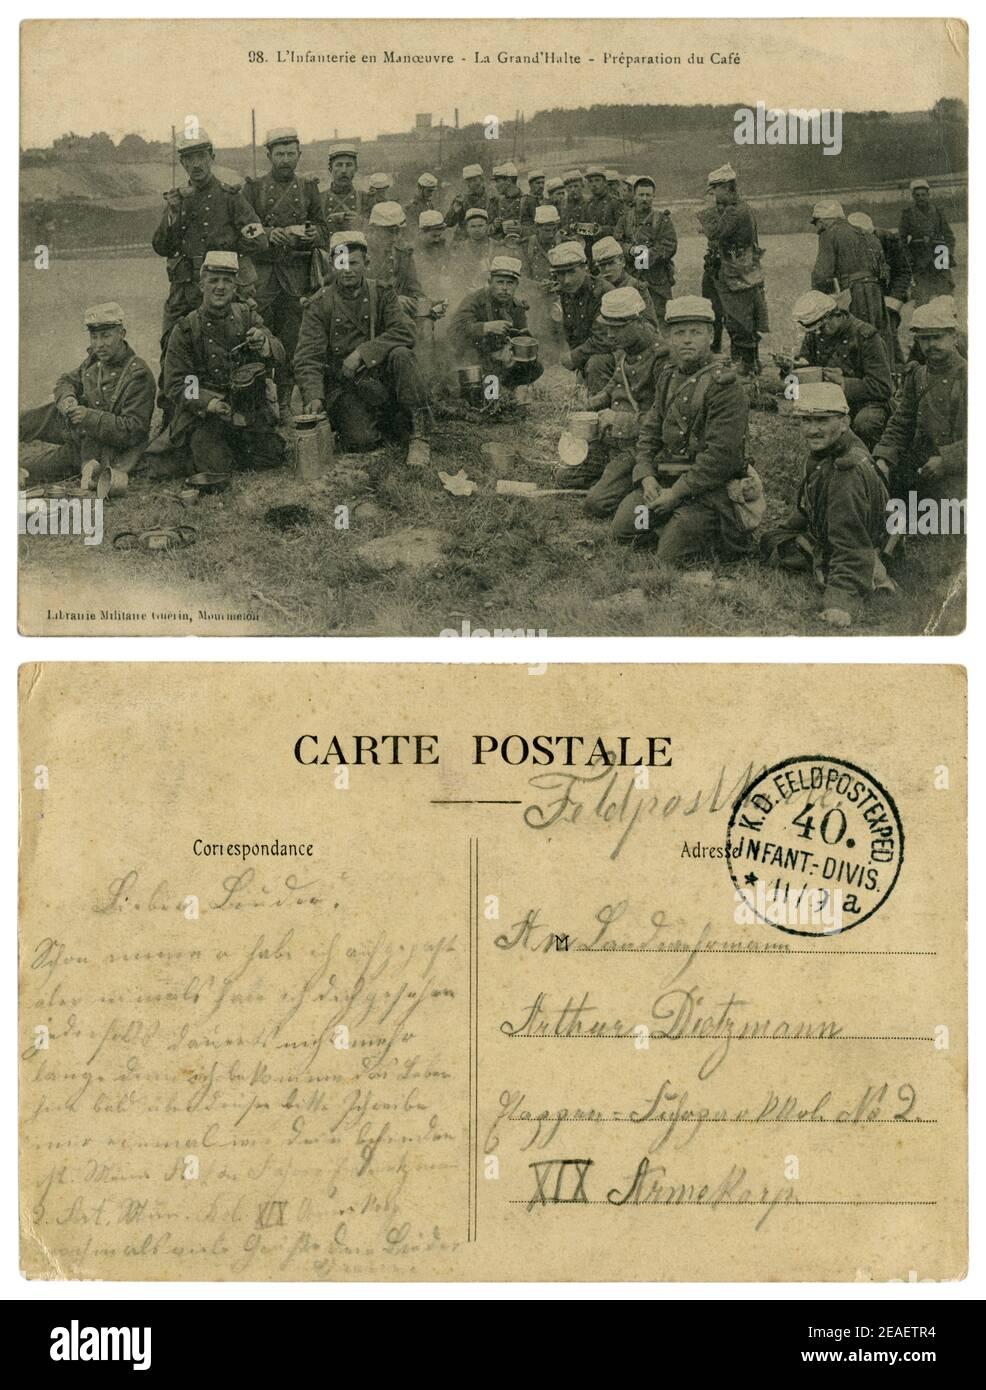 Carte postale historique française : infanterie sur les manoeuvres, le revers est rempli d'un soldat allemand de la 40ème Division d'infanterie, 1914-1918 Banque D'Images